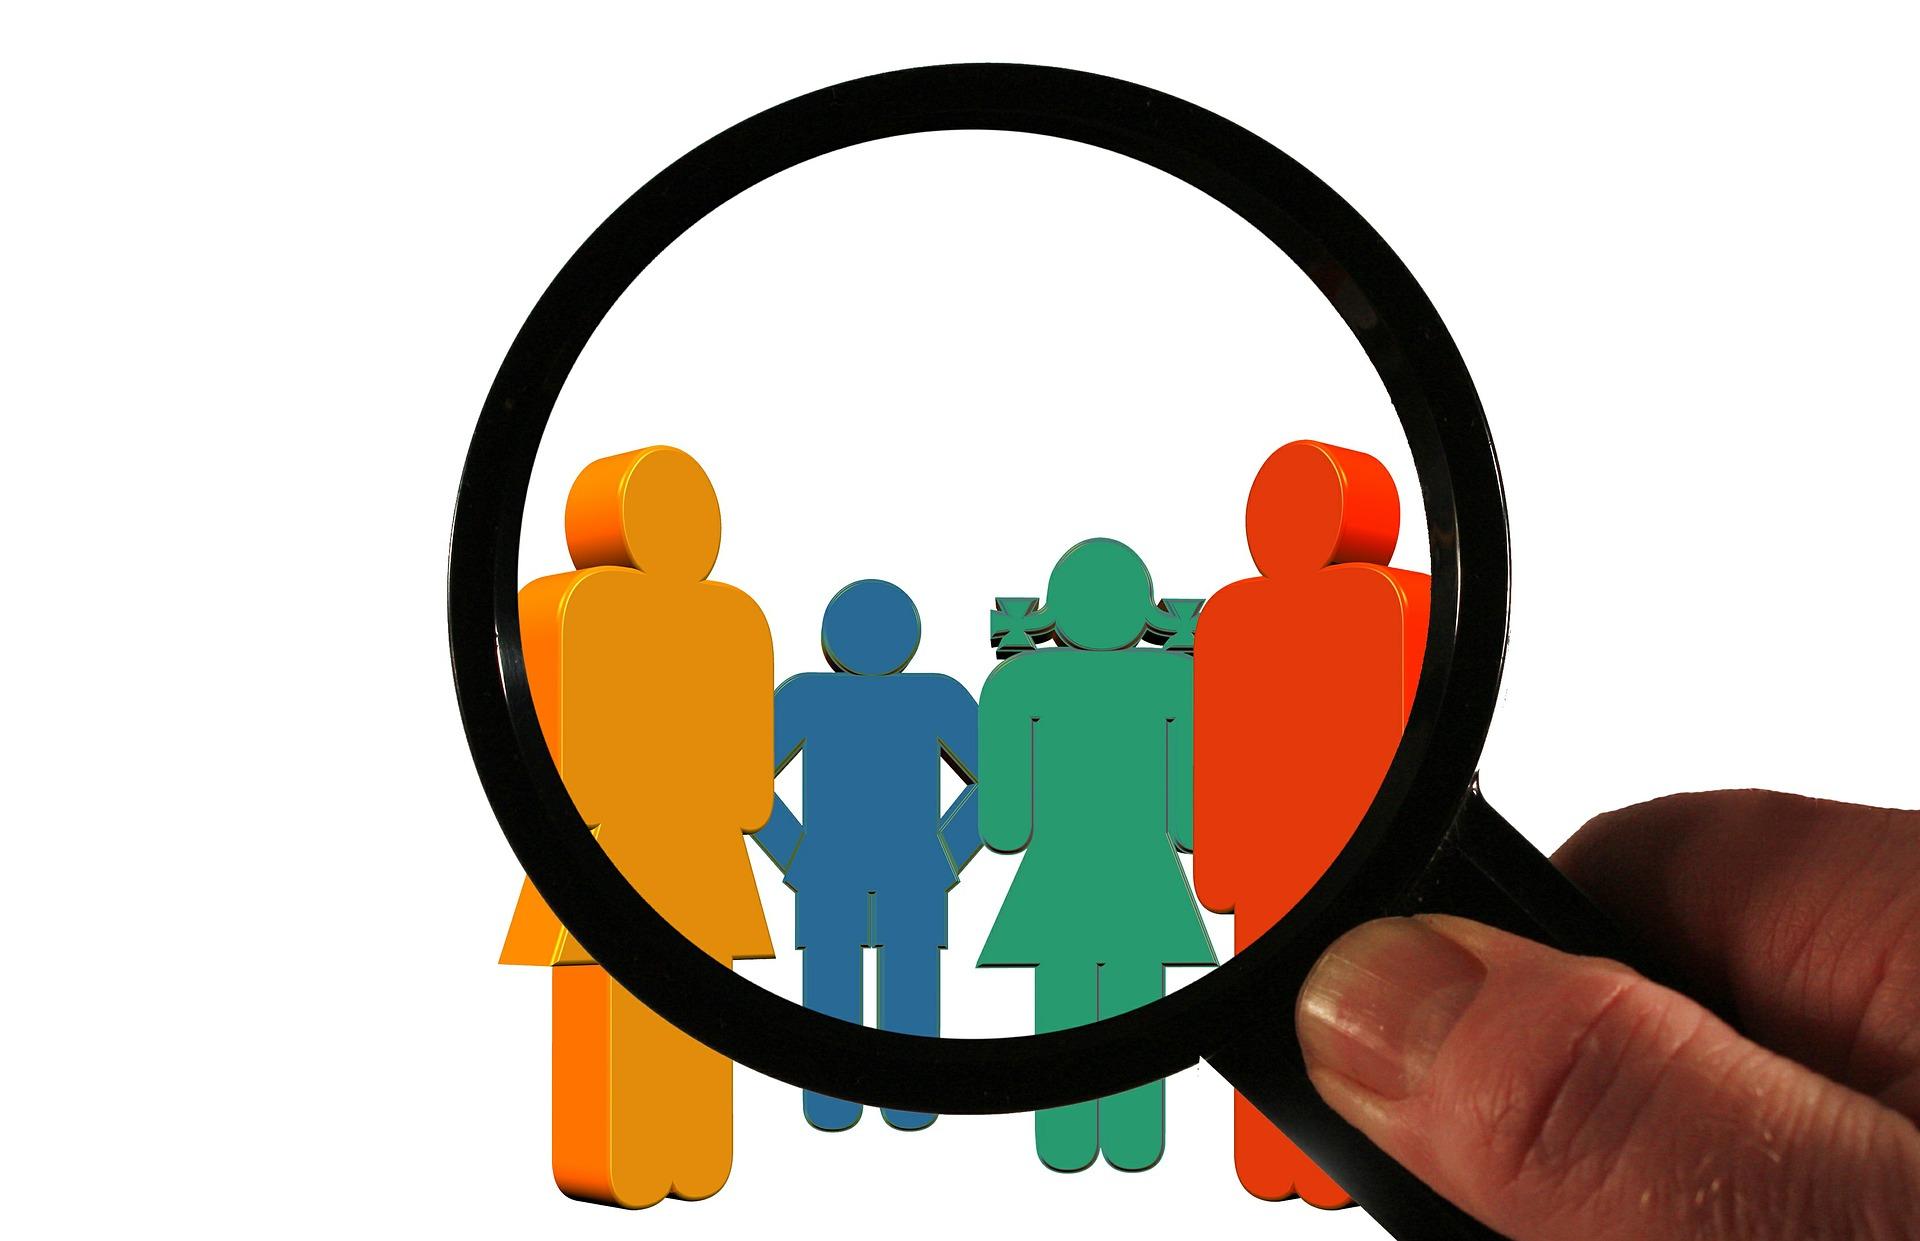 Étudier La Typologie Des Clients Pour Mieux Les Servir